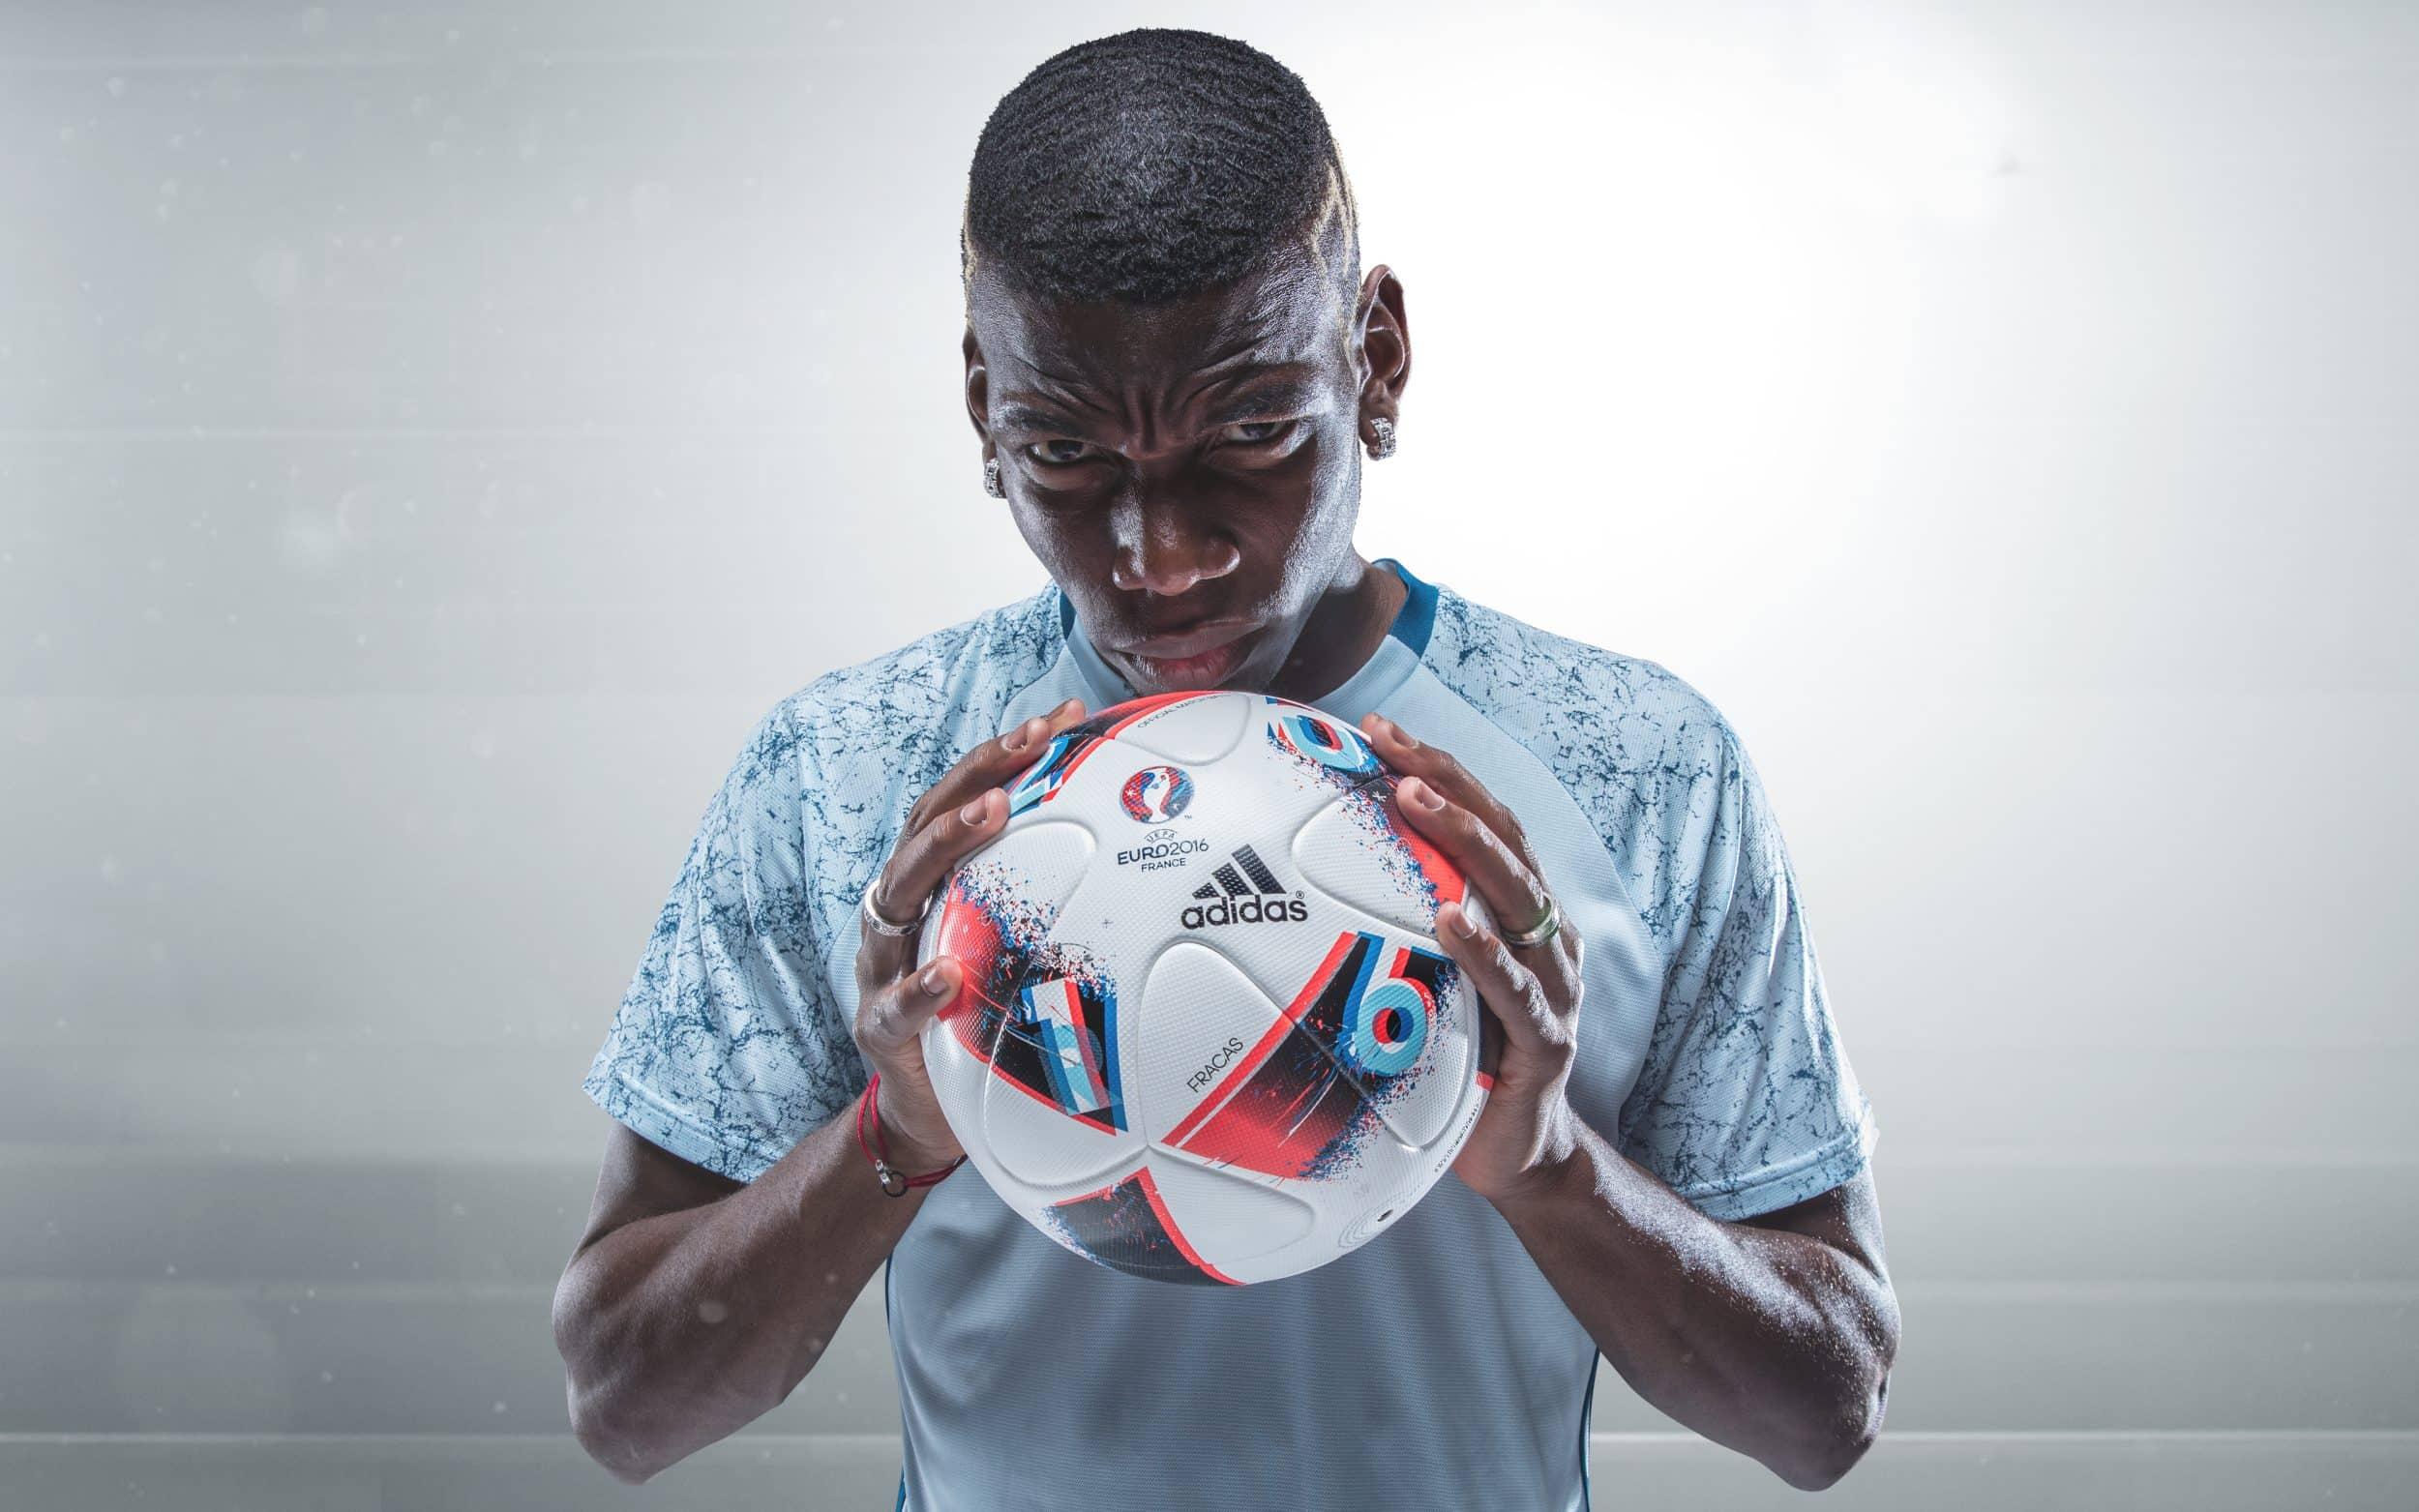 ballon-adidas-fracas-euro-2016-pogba-phase-finale